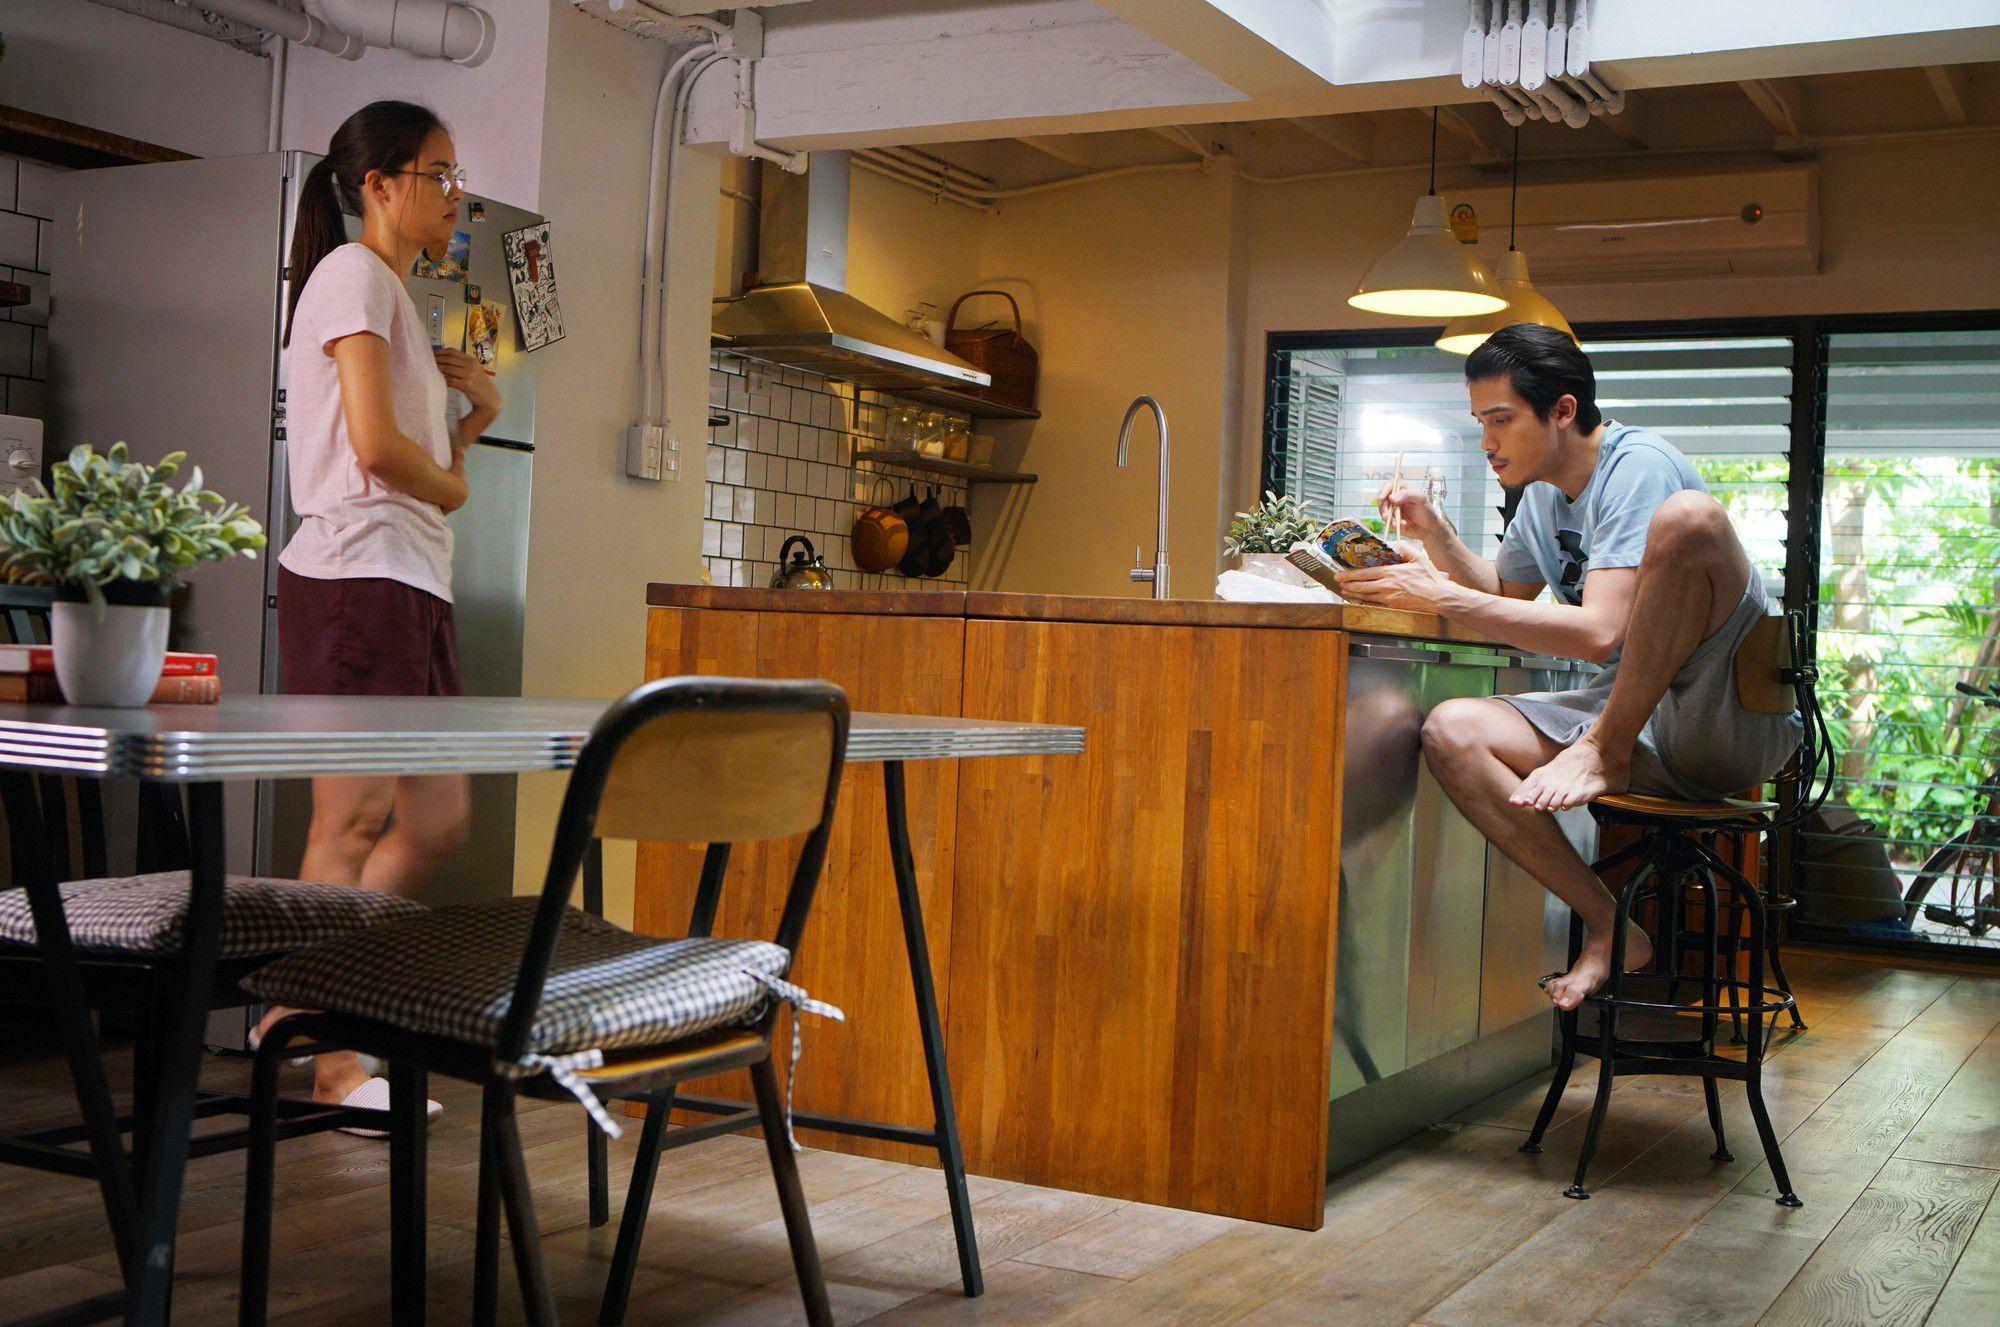 Ông Anh Trời Đánh: Phim Thái Lan chiếu rạp mới nhất gây bão phòng vé (4)